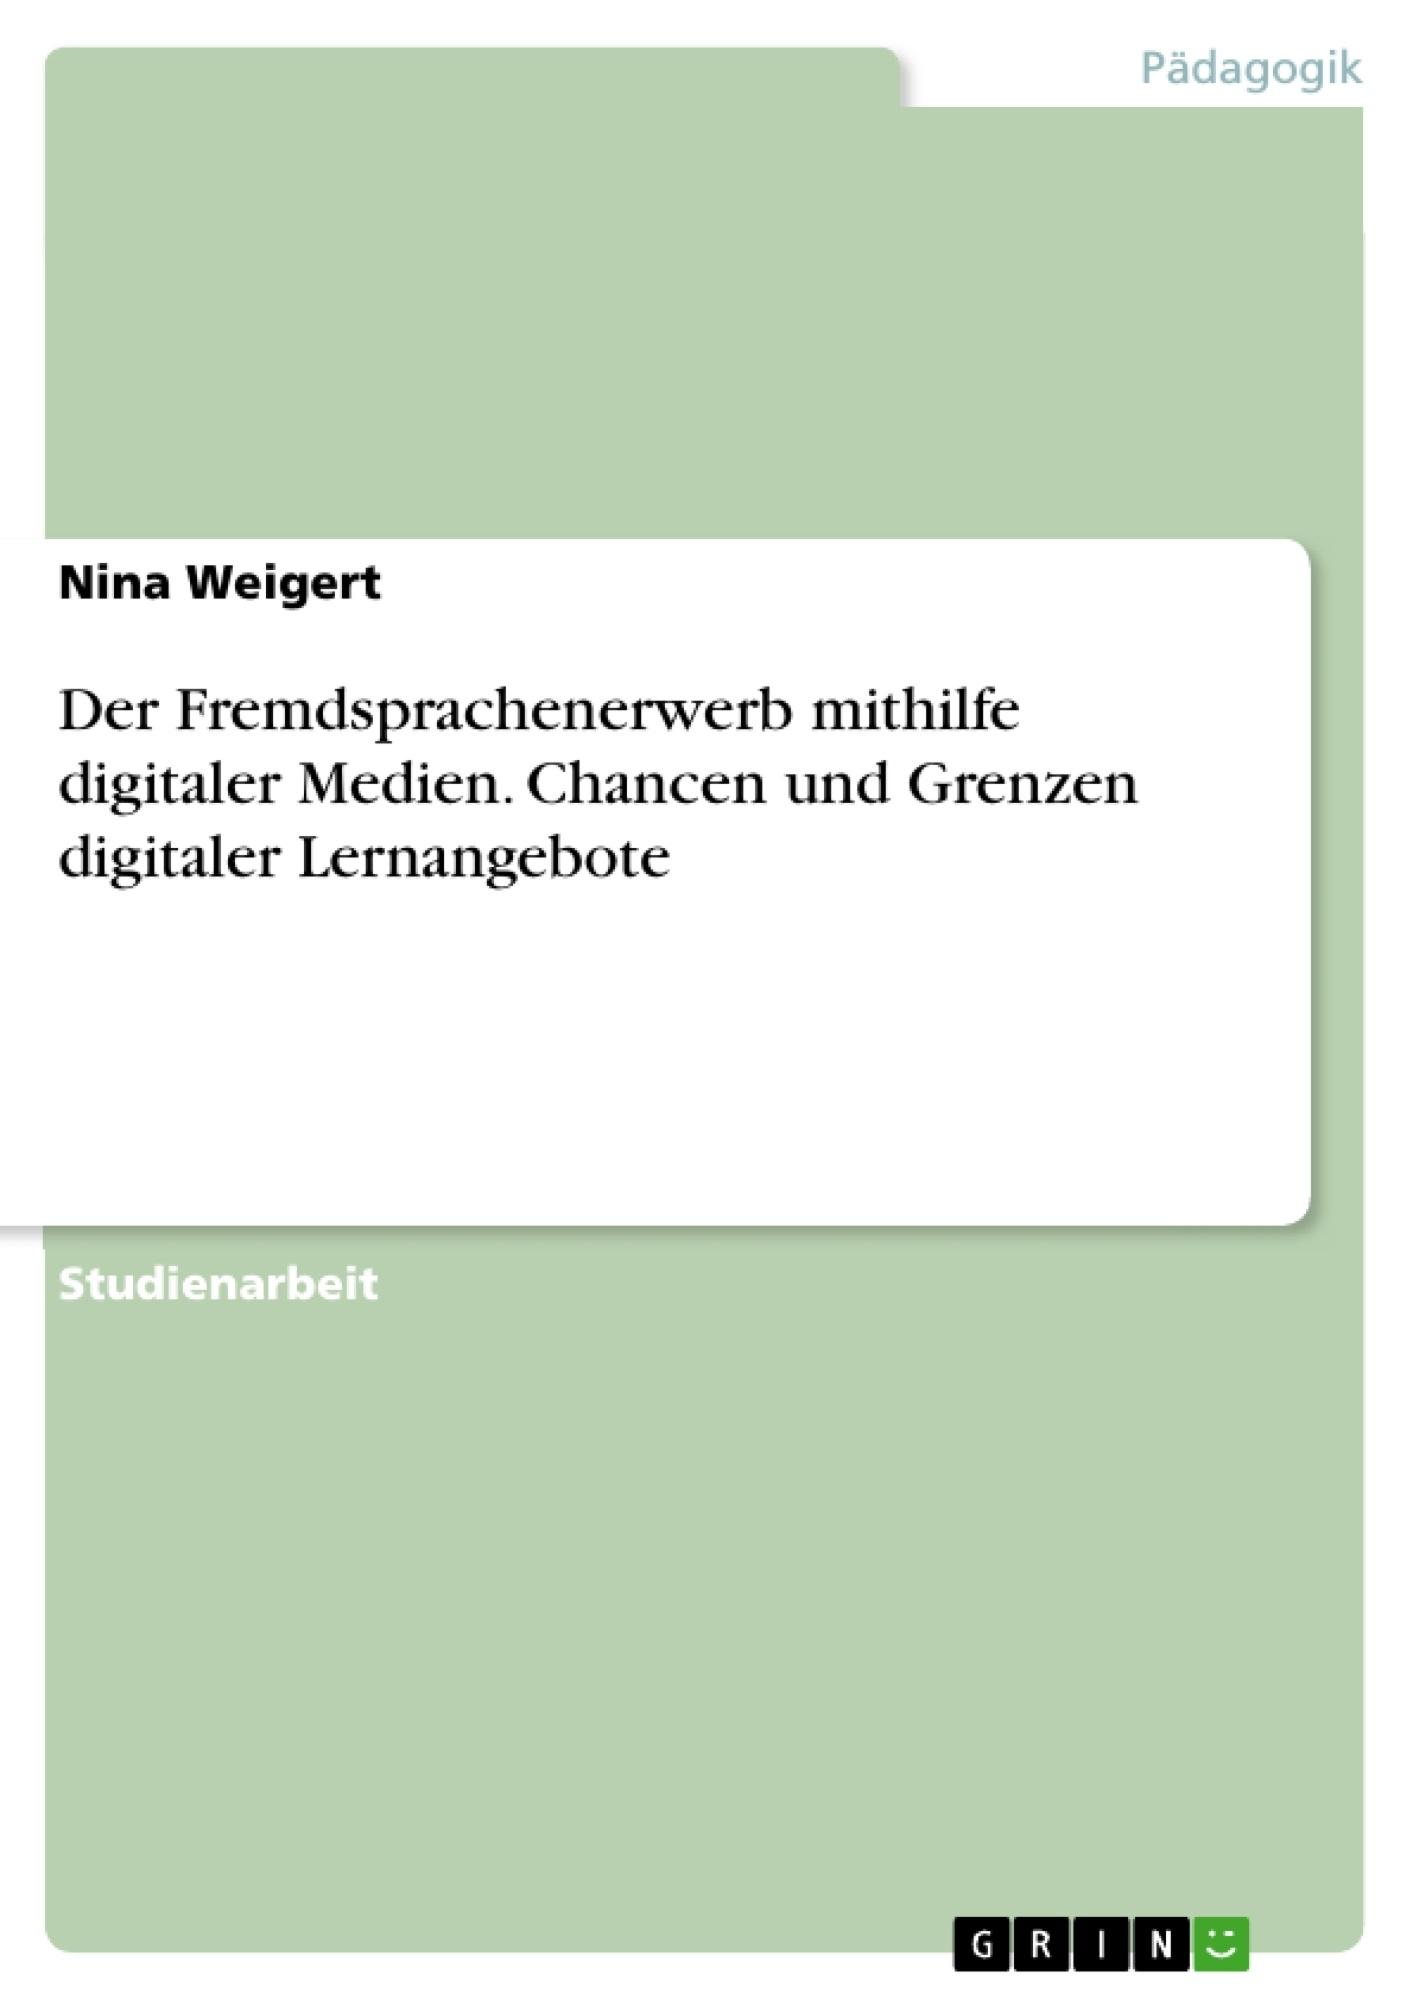 Titel: Der Fremdsprachenerwerb mithilfe digitaler Medien. Chancen und Grenzen digitaler Lernangebote